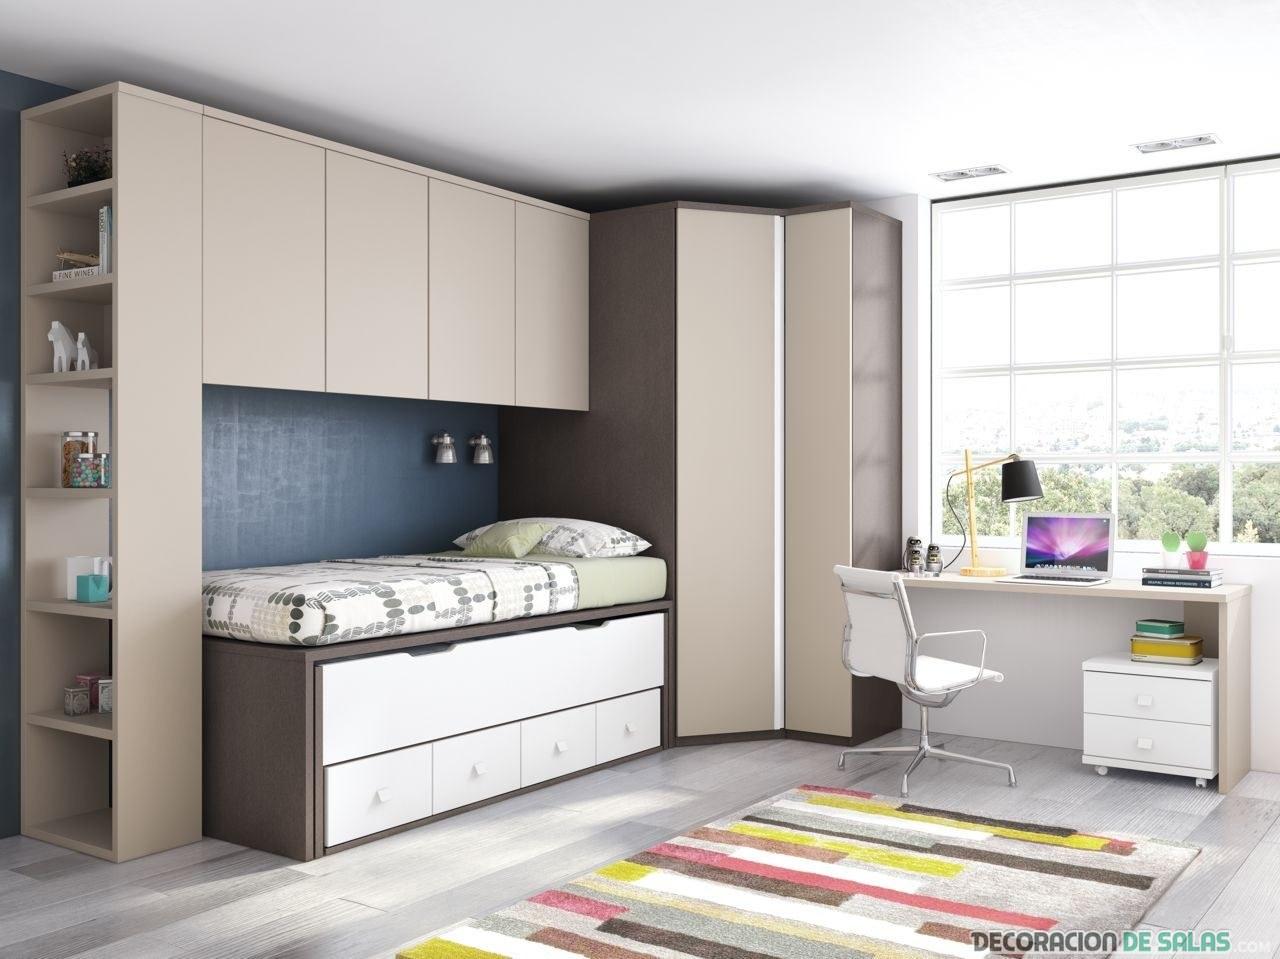 Dormitorios juveniles en colores neutros - Colores de habitaciones juveniles ...